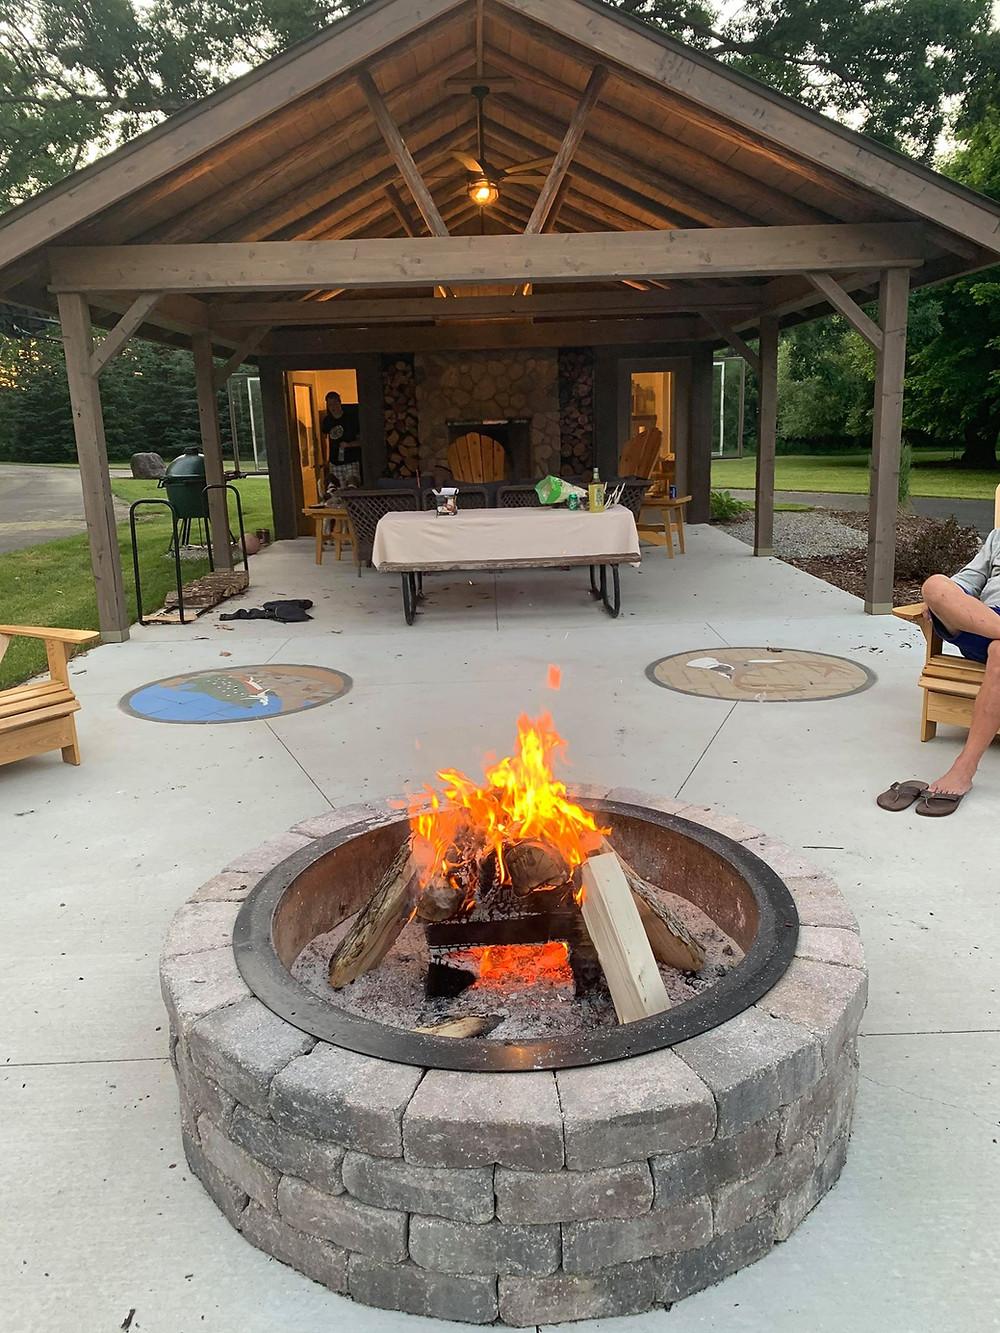 PAVERART, landscape design, fire pit, landscape architecture, backyard, patio ideas